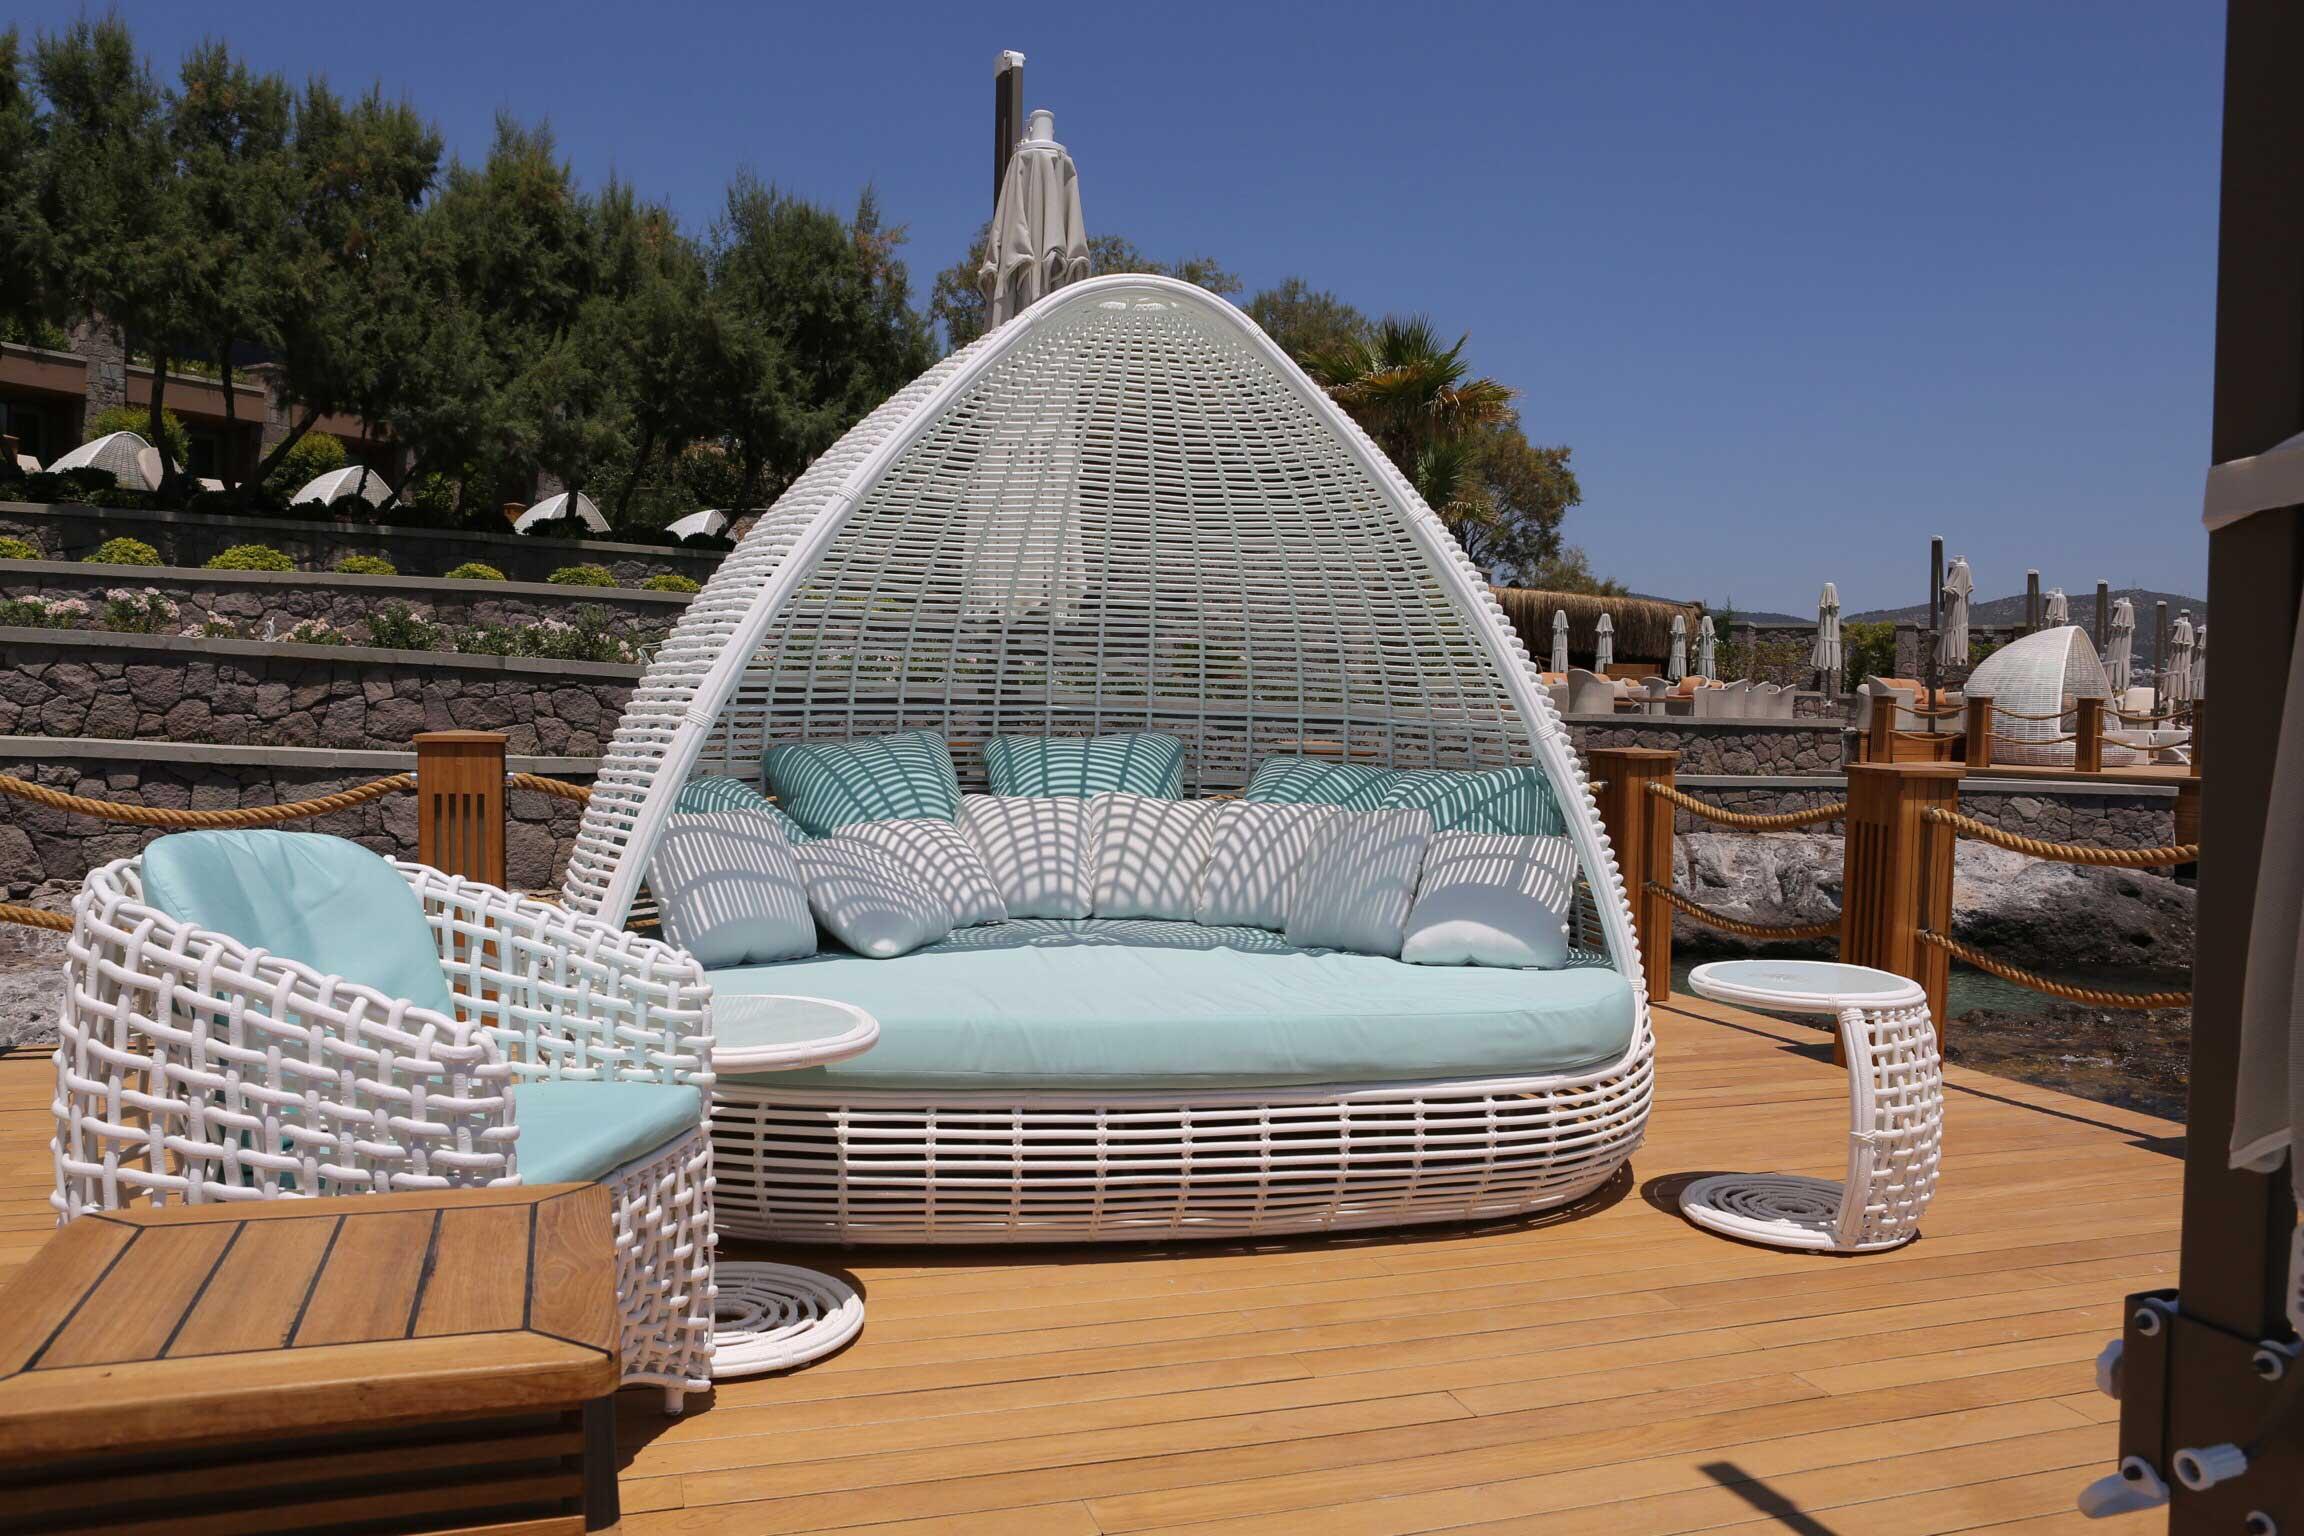 Lit de jardin toit rsine Lusso  luxe contemporain